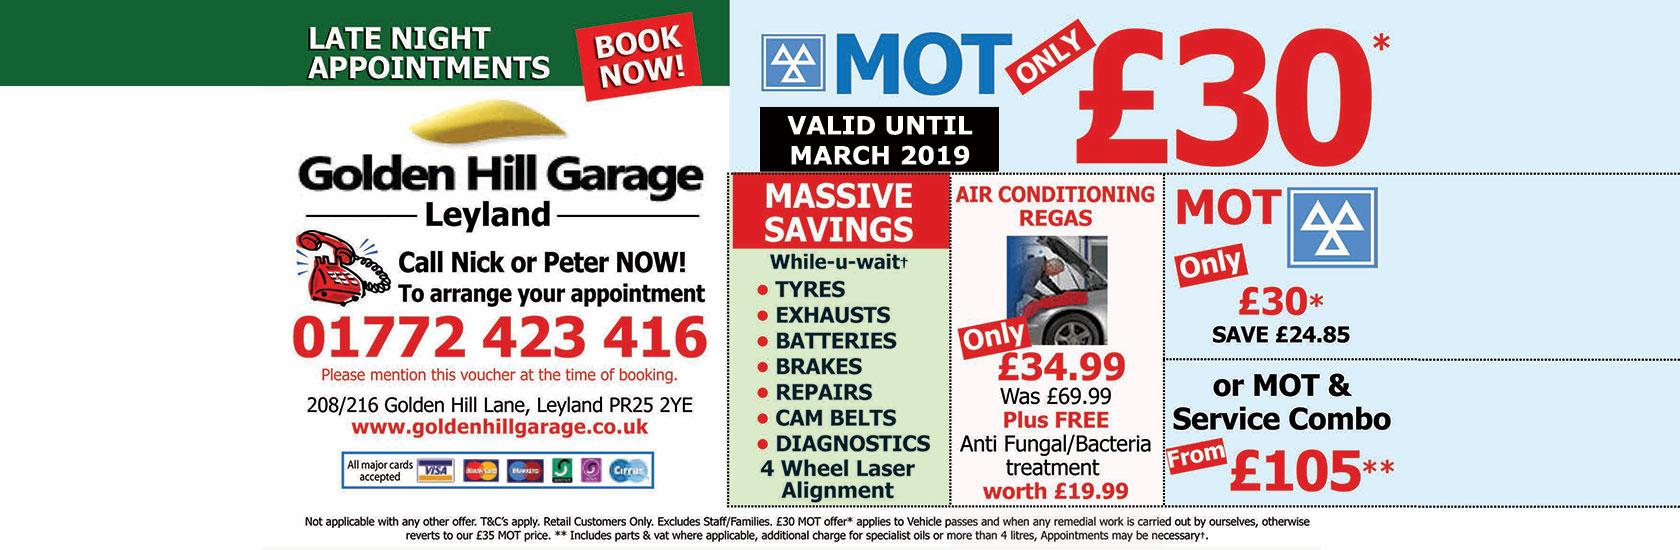 Golden Hill Garage Service Offers